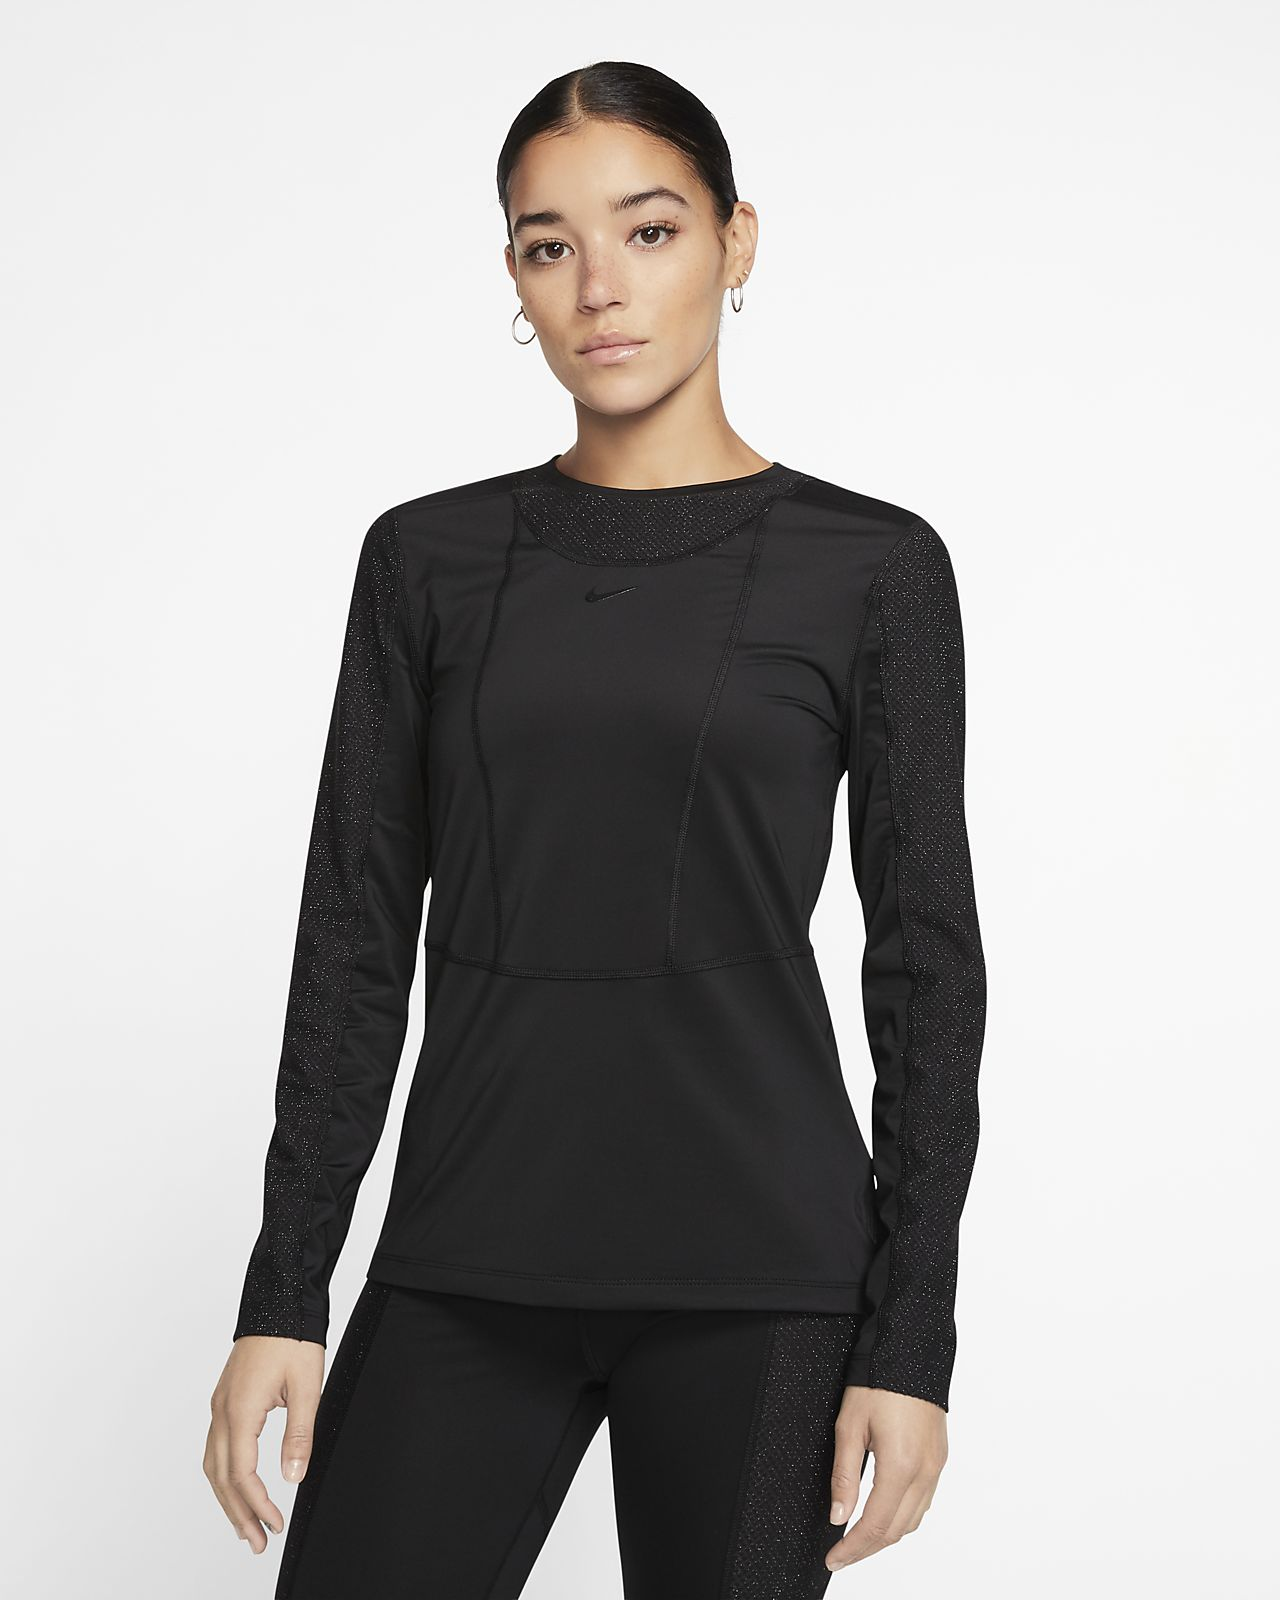 Nike Pro Warm Women's Long-Sleeve Top